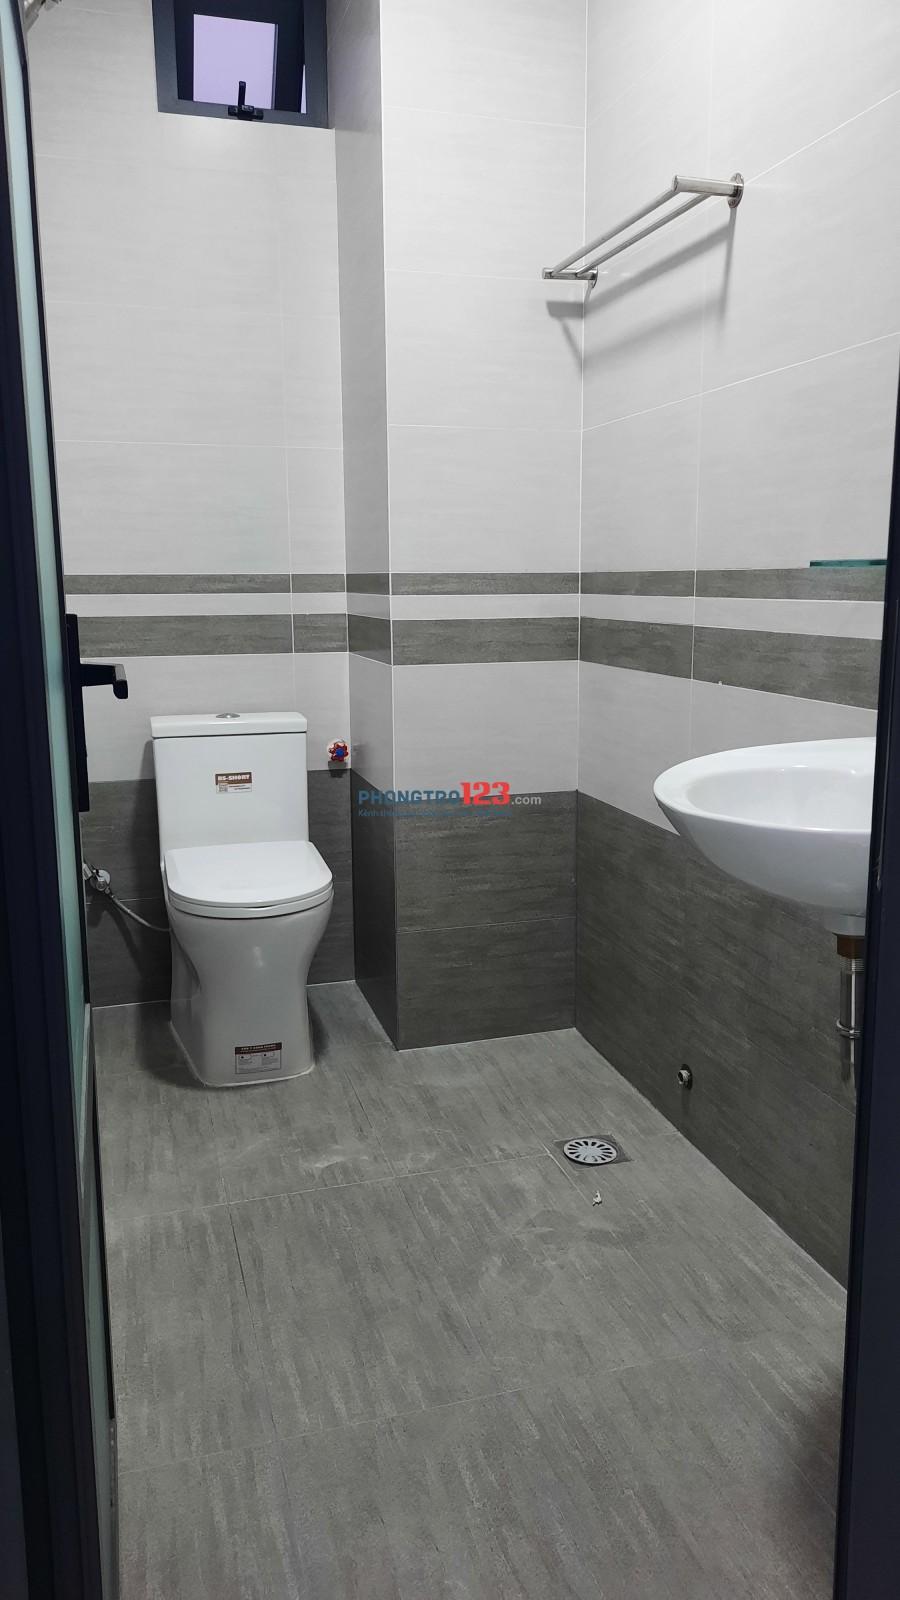 Phòng trọ cao cấp đủ tiện nghi giá chỉ từ 4tr đến 4tr5/tháng ngay Cầu Thị Nghè